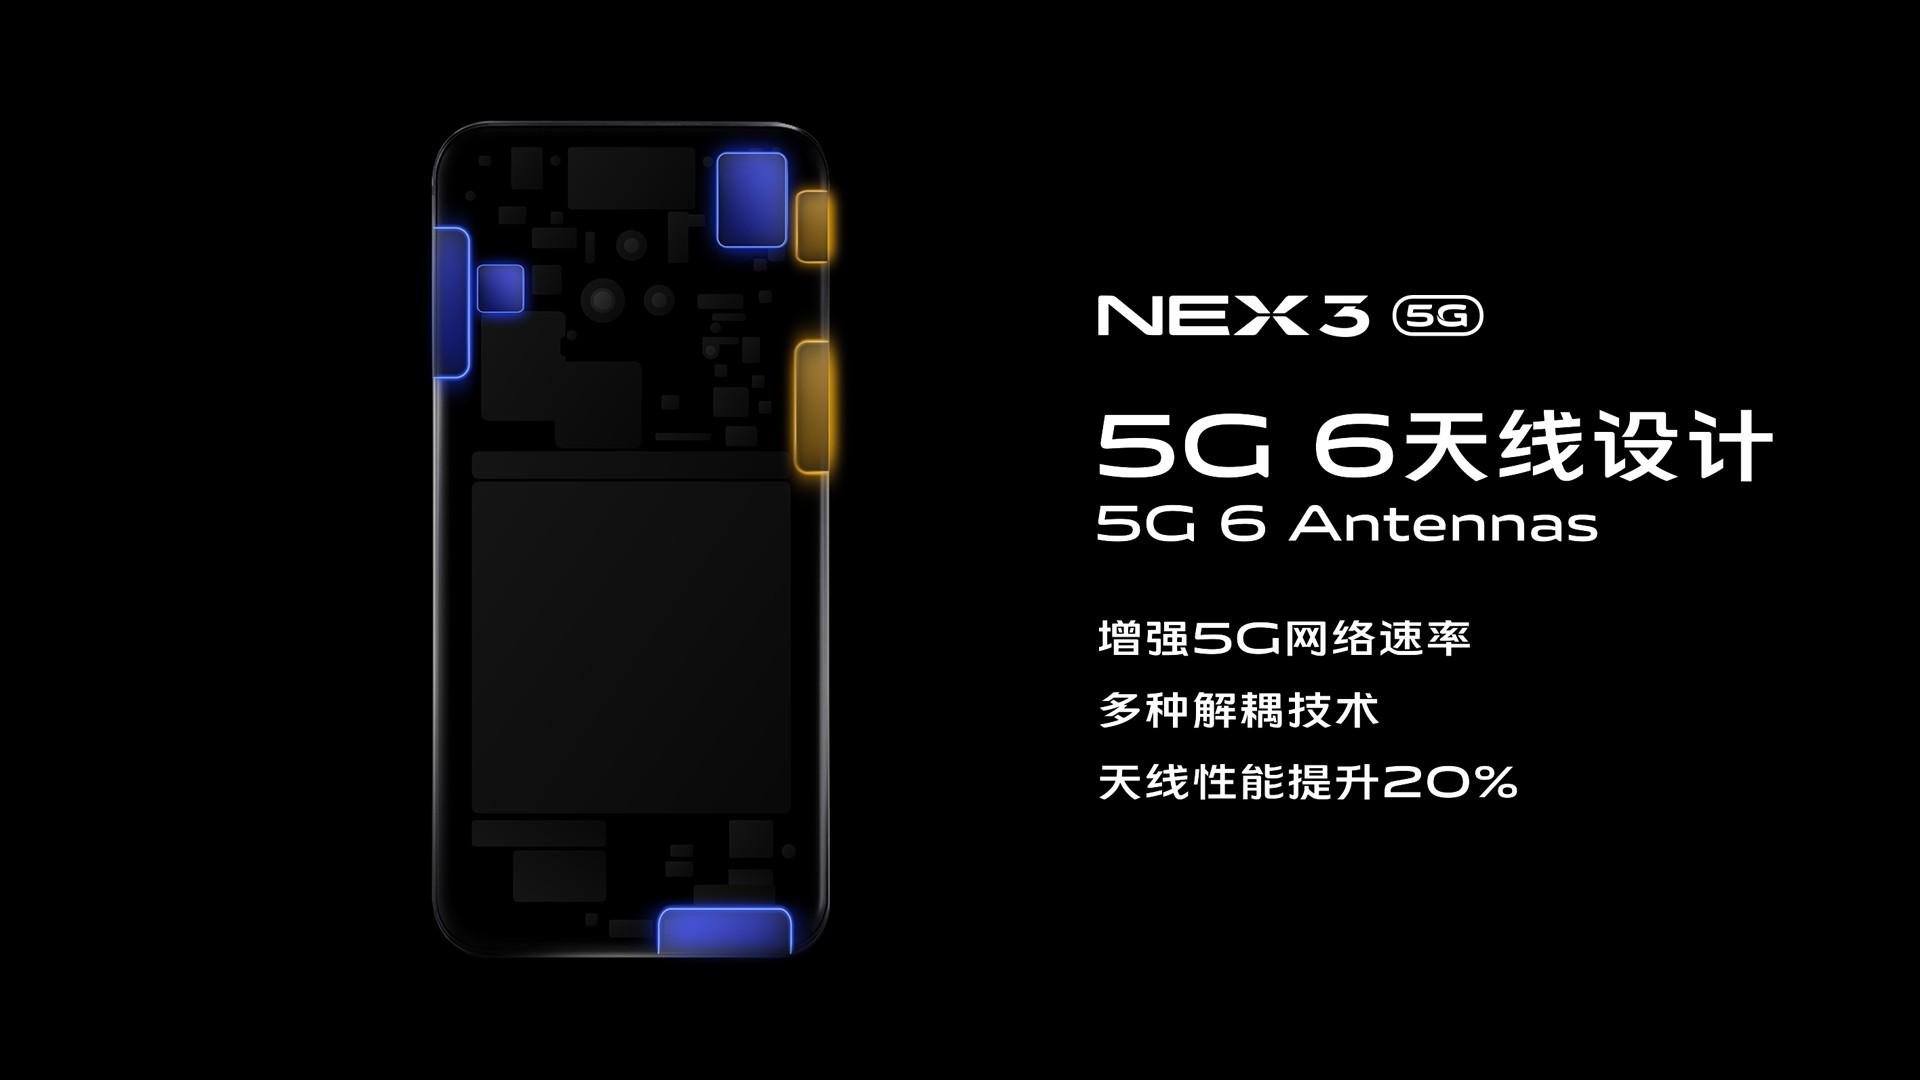 Vivo Nex 3 5G Six 5G Antenna